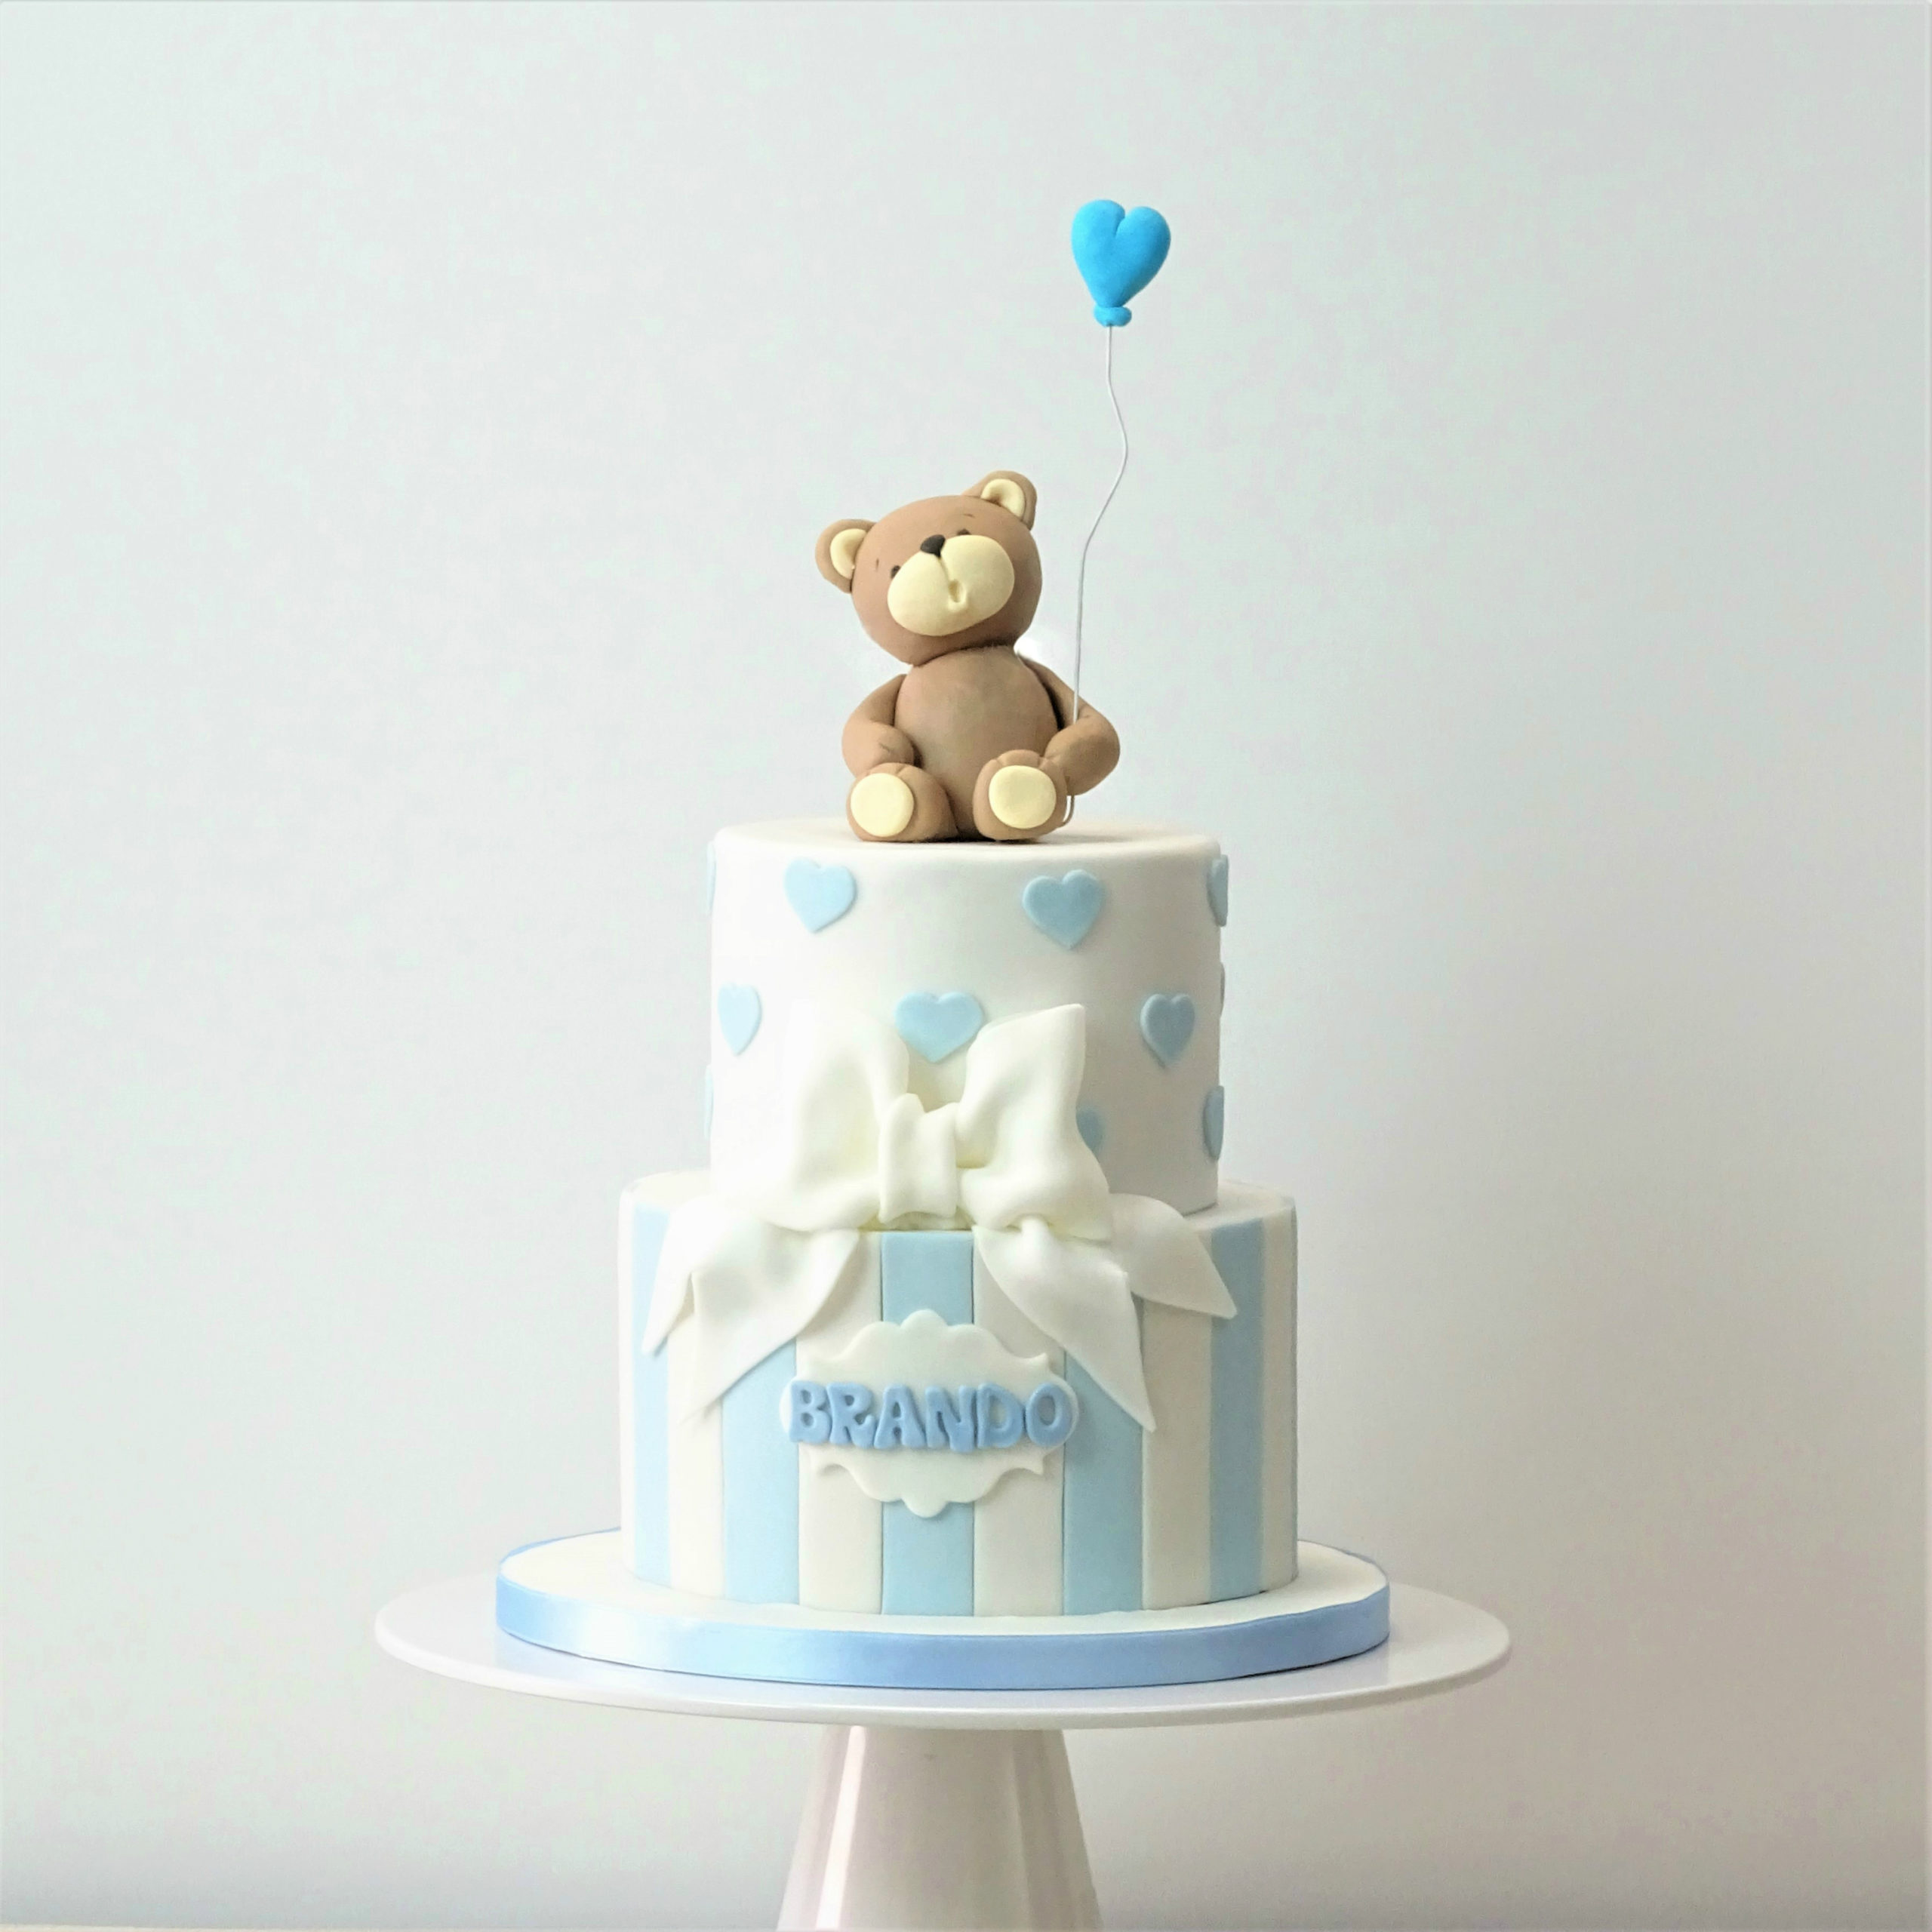 torta con righe bianche e azuure, fiocco e cuoricini, con orsetto con palloncino